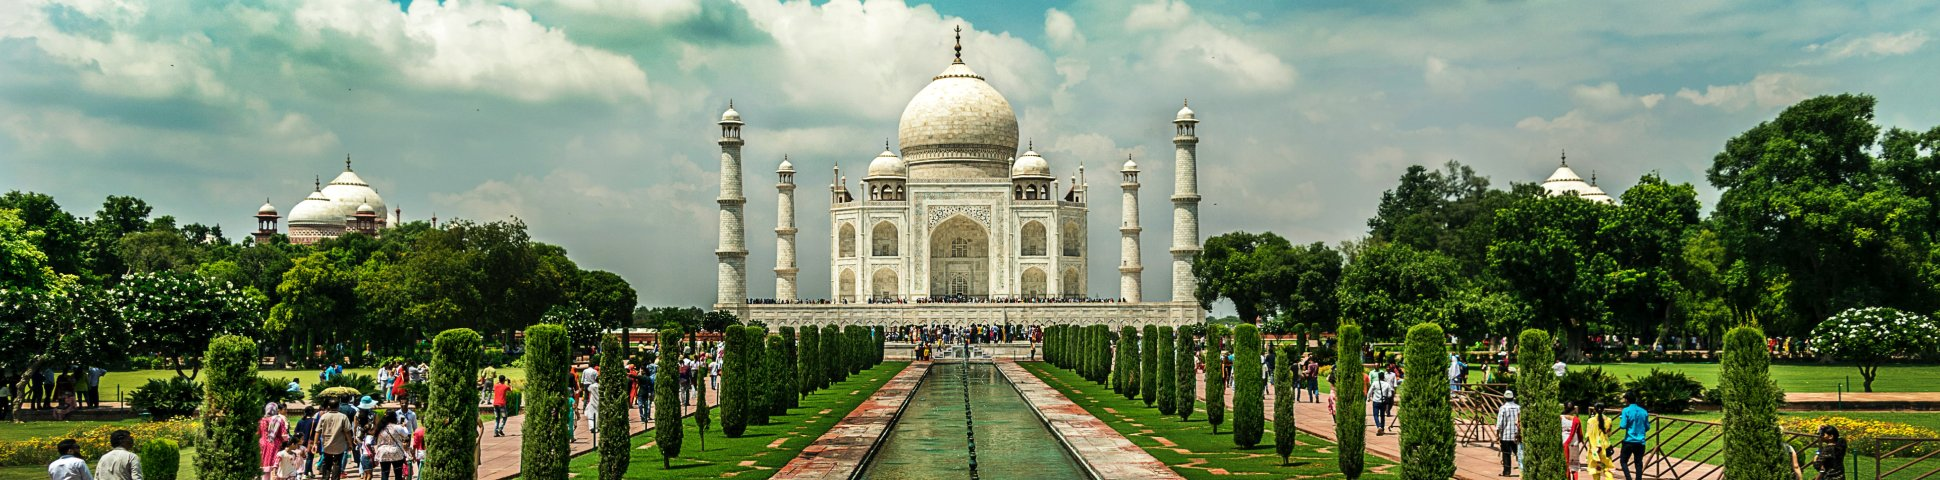 Panoramic view of Taj Mahal